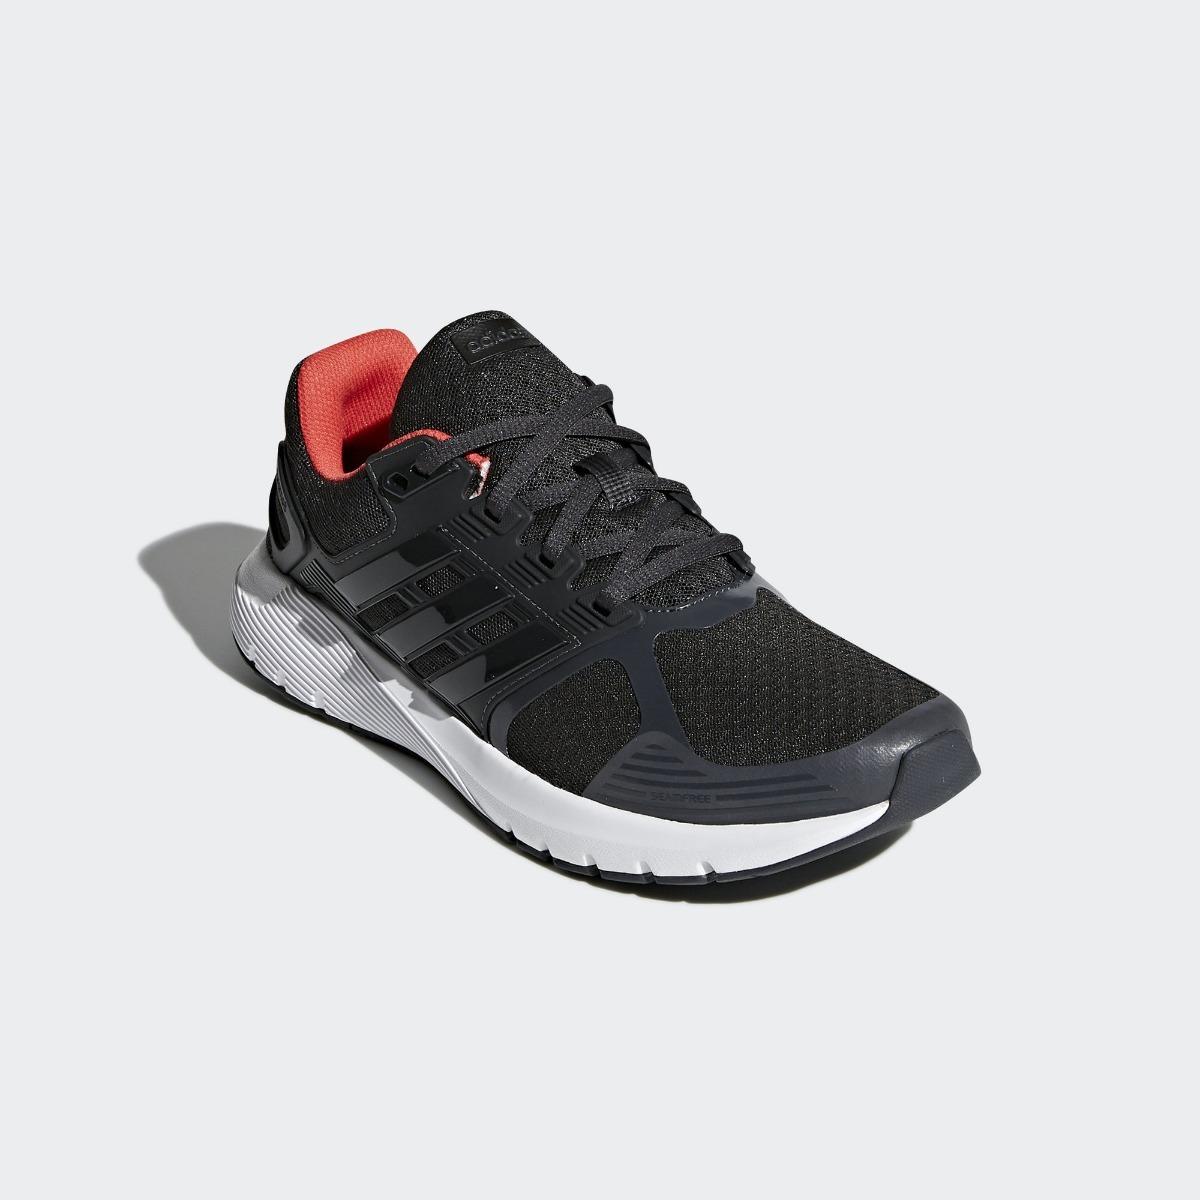 Zapatillas adidas Duramo 8 W Sagat Deportes Cp